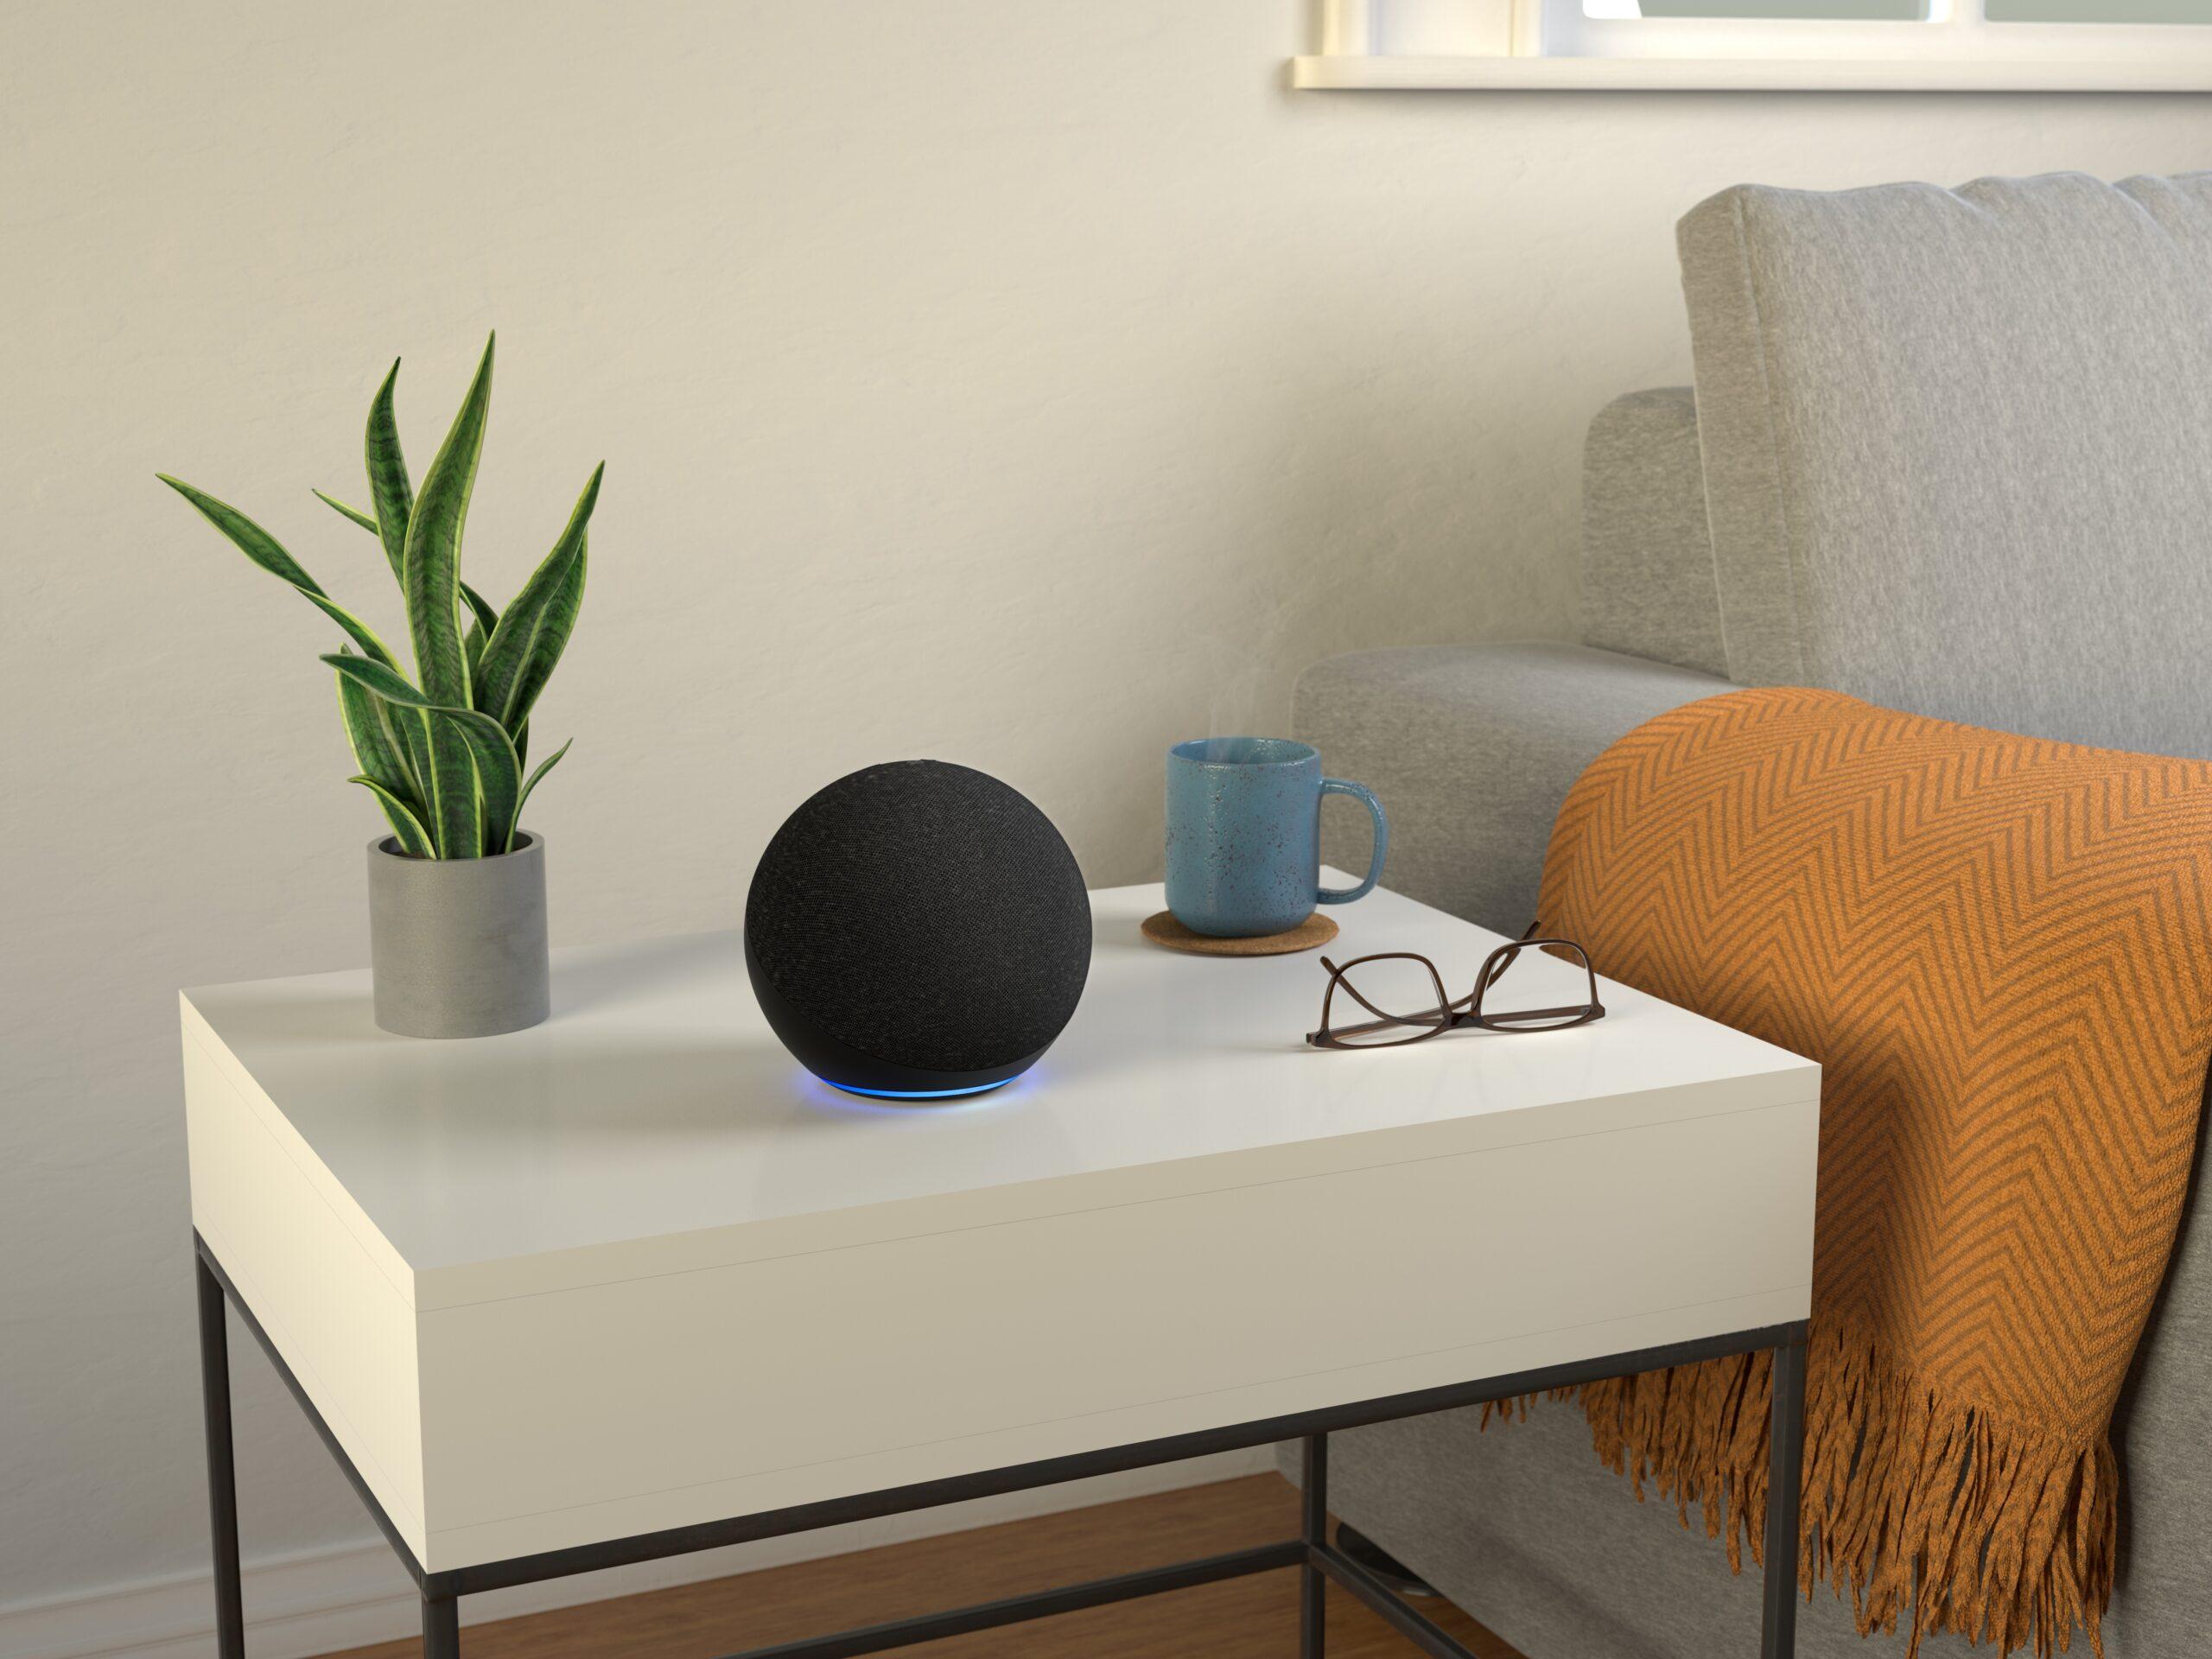 Amazon rinnova la famiglia di dispositivi Echo, reinventati dentro e fuori 3